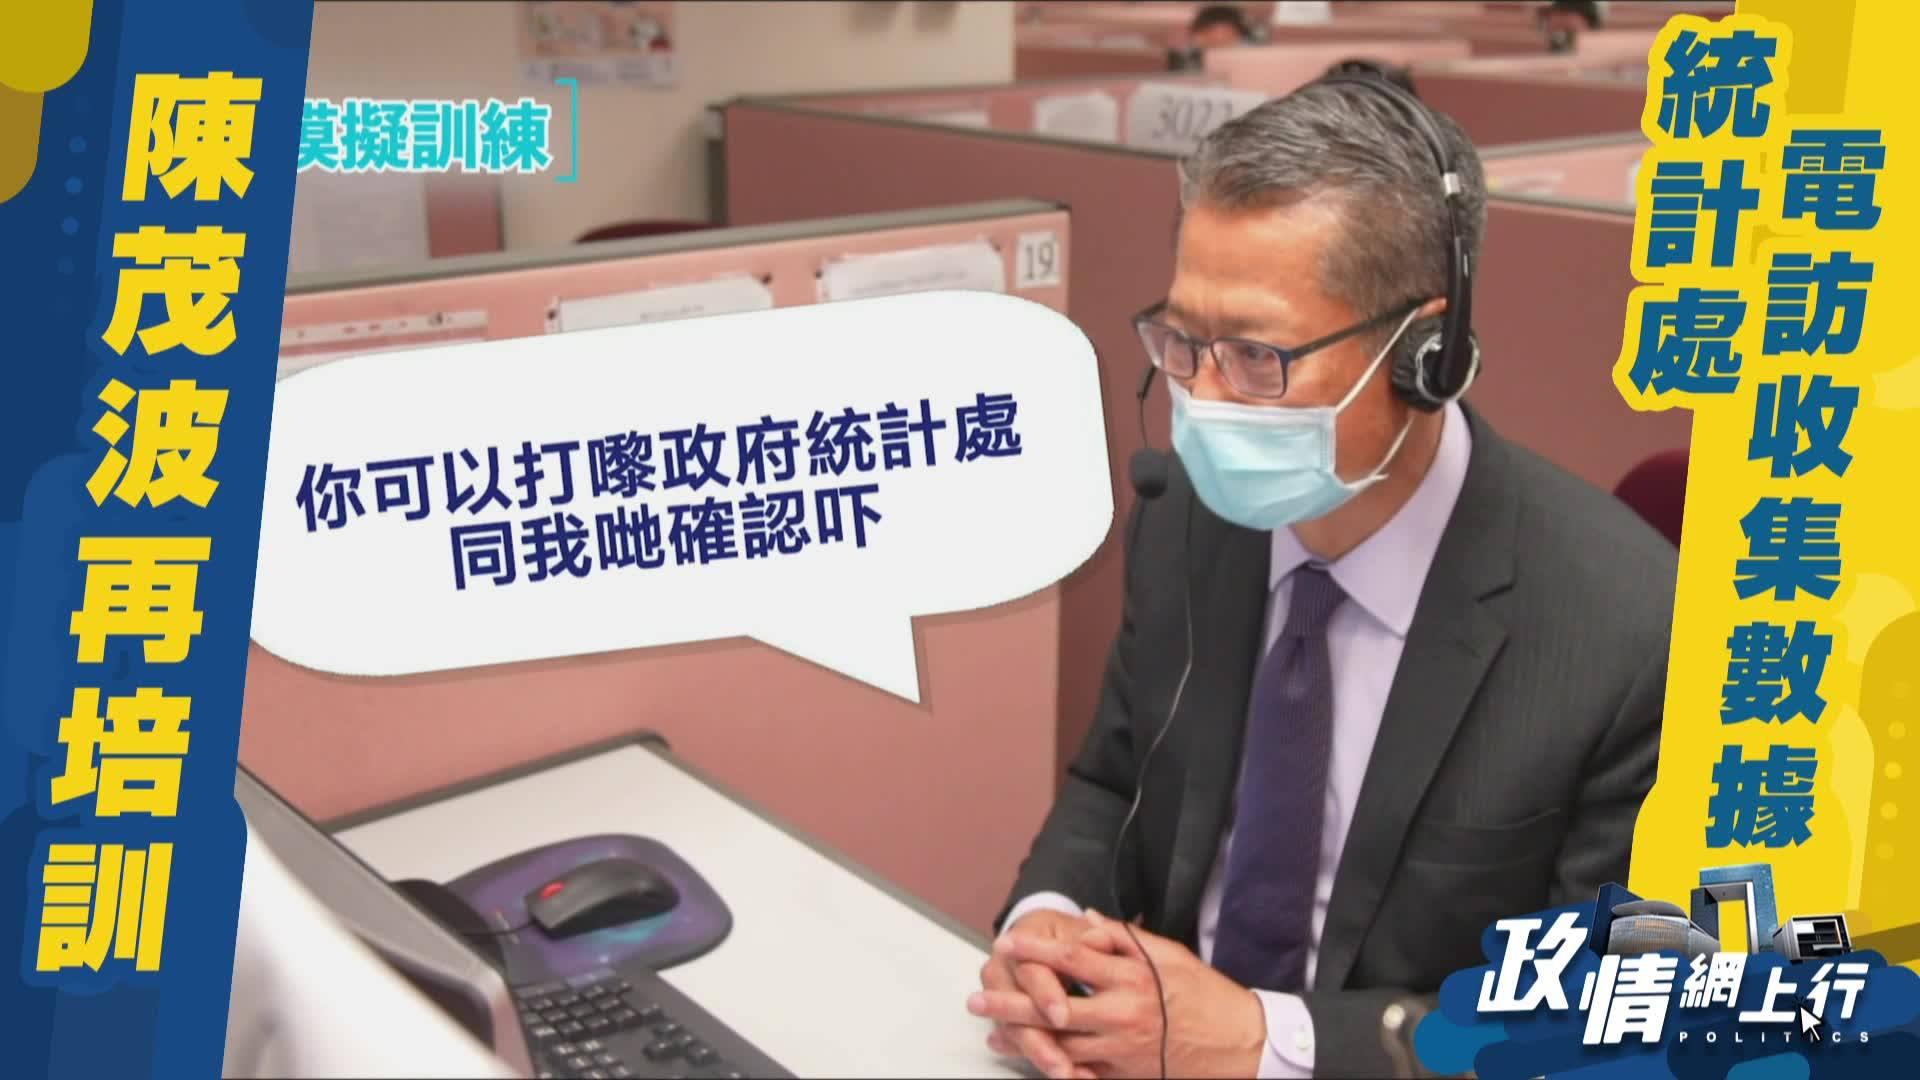 【政情網上行】陳茂波再培訓 統計處電訪收集數據